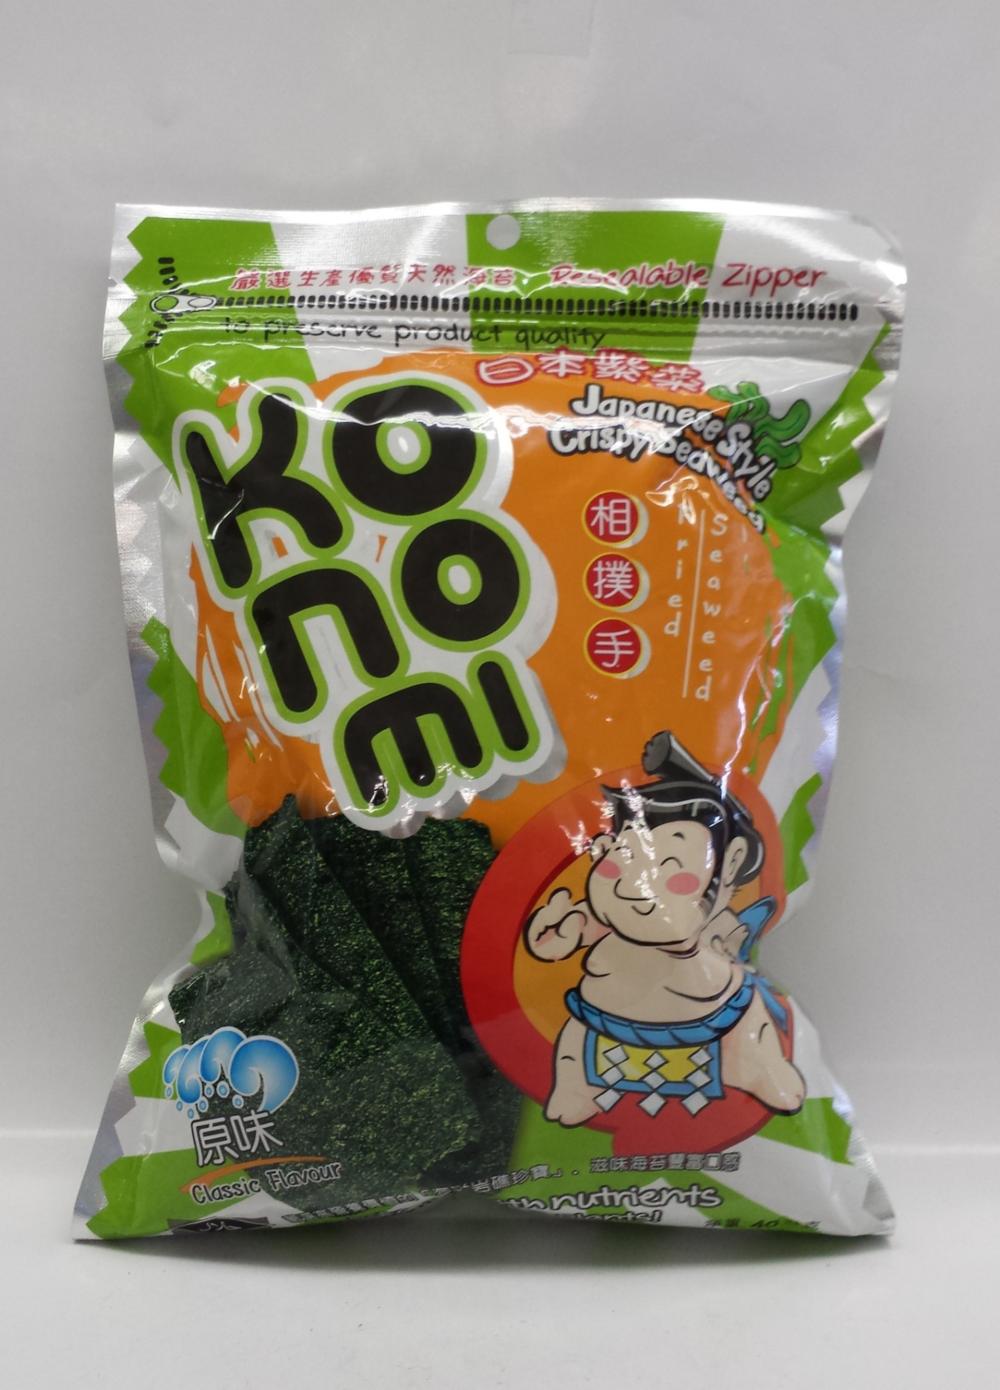 Seaweed, Classic   Konomi   SN14207 8x6x1.4 oz